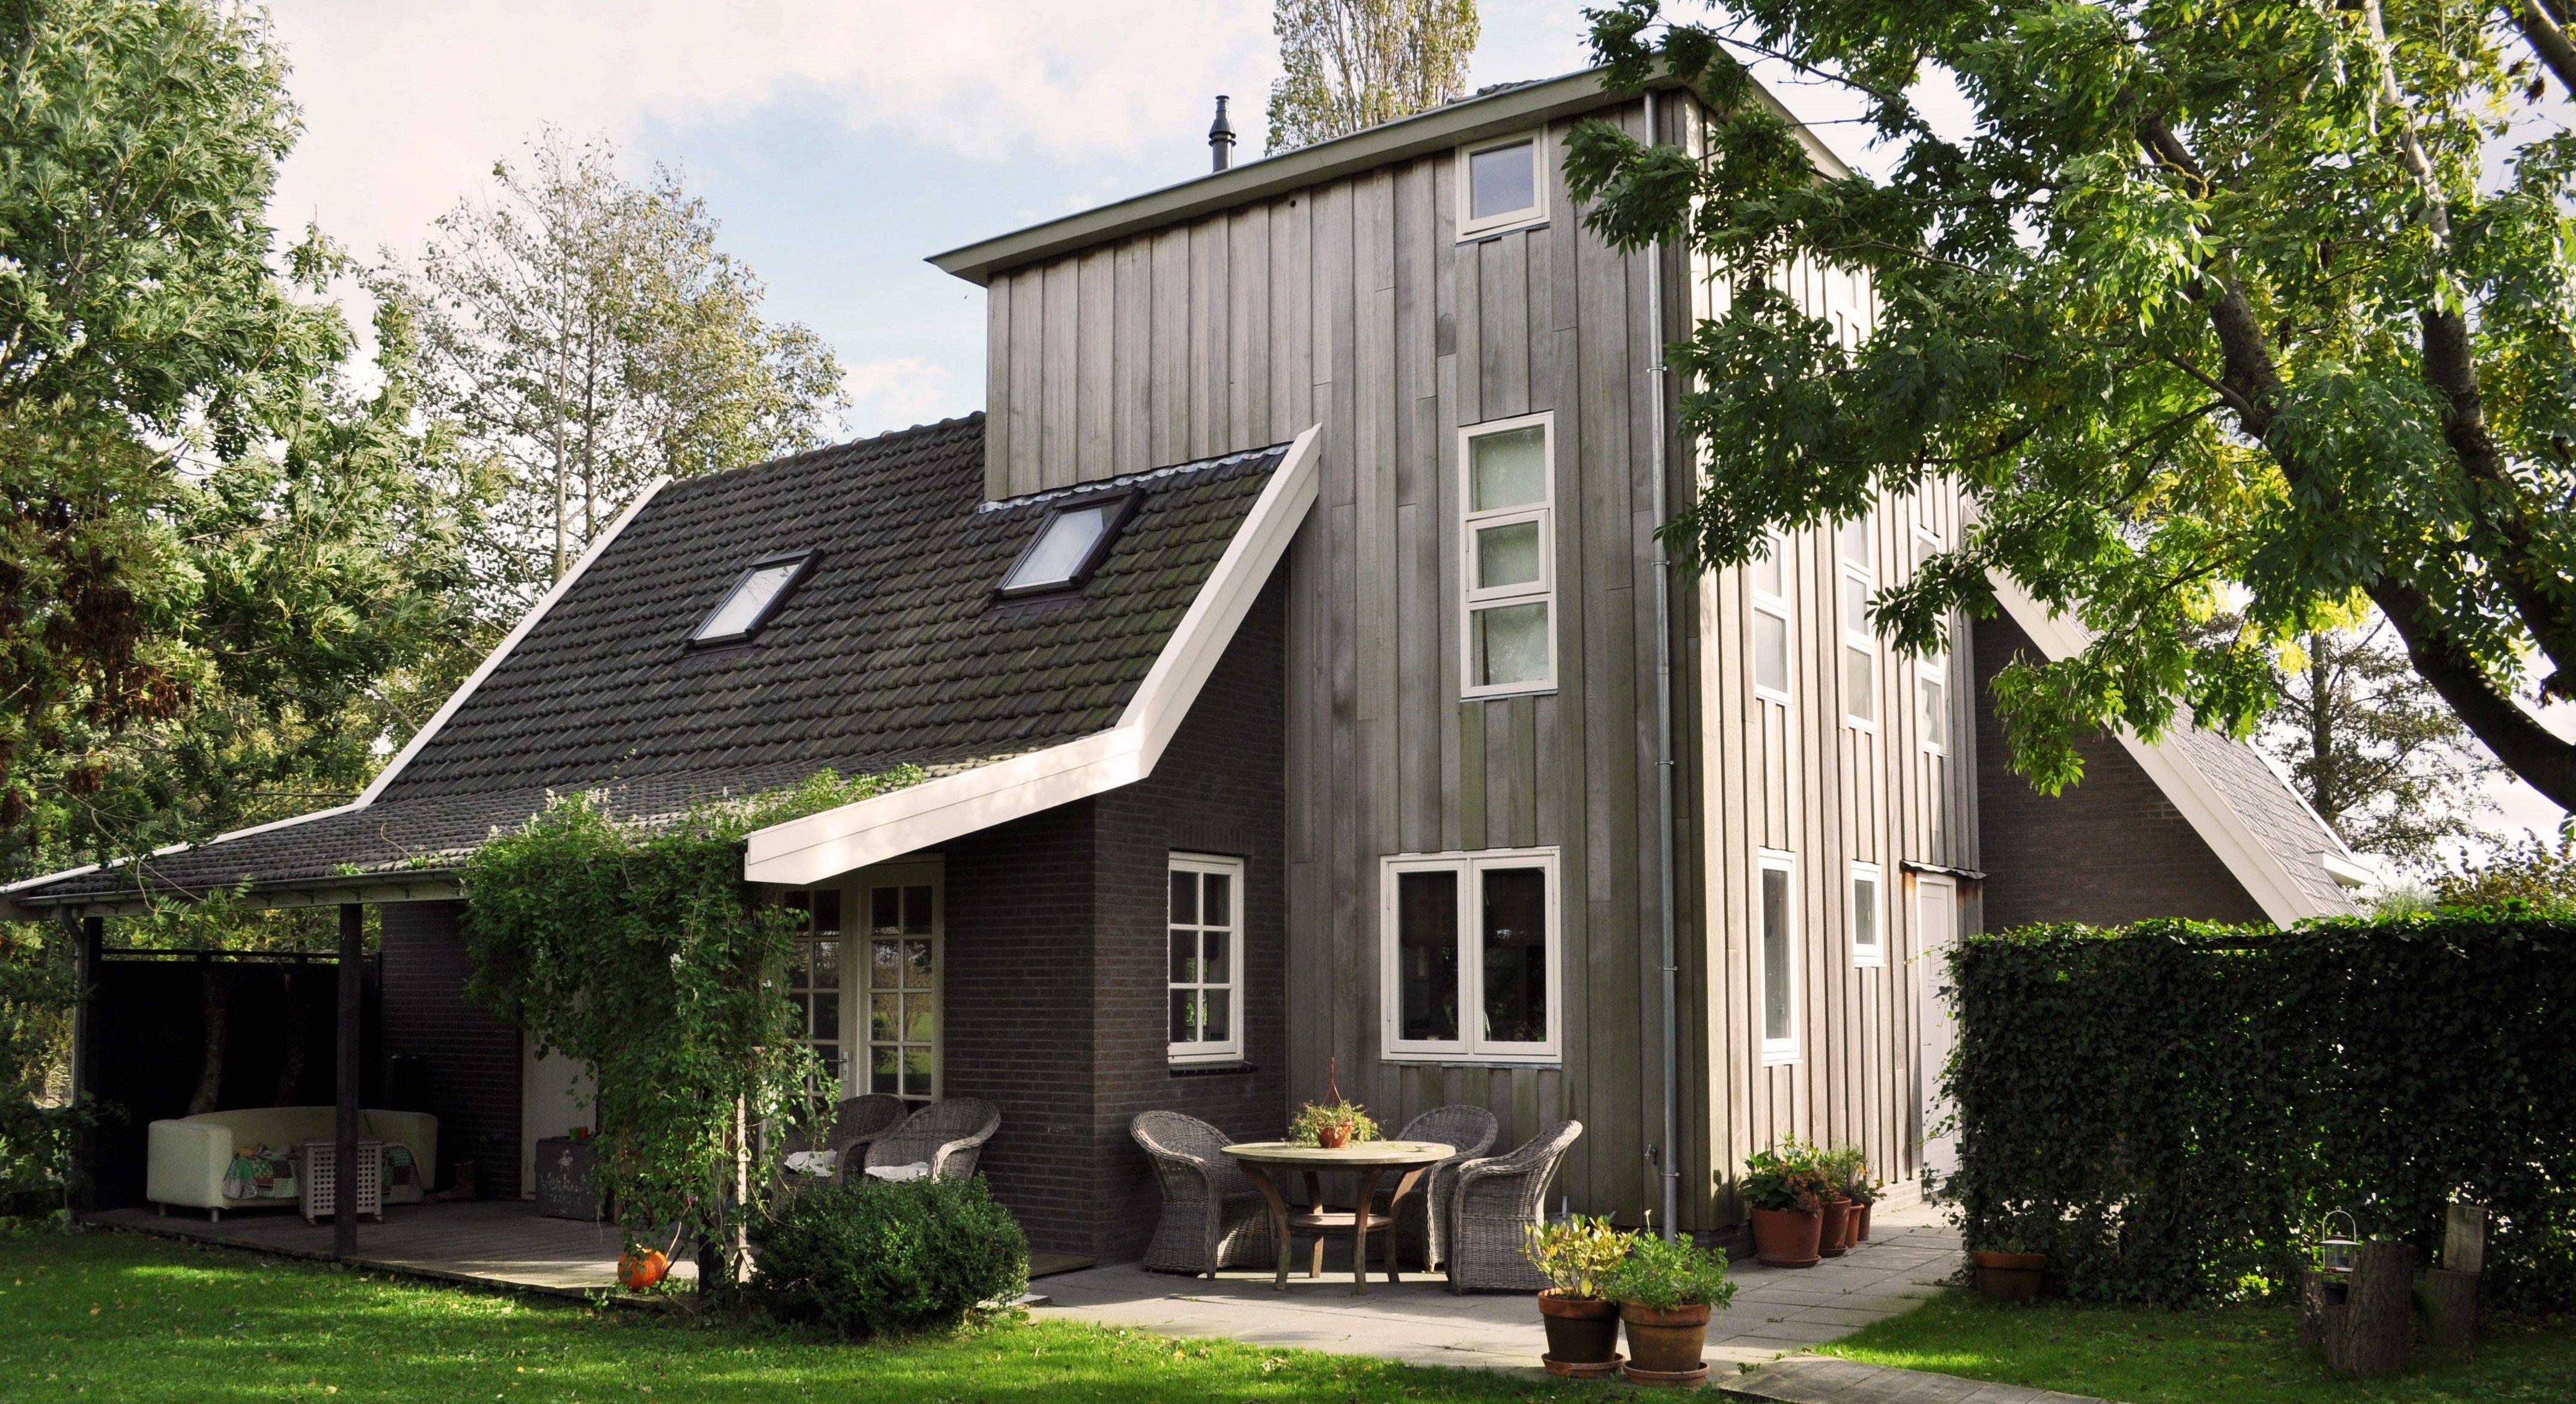 131 zelf huis laten bouwen witte villa bouwen 25 beste for Zelf een huis bouwen wat kost dat